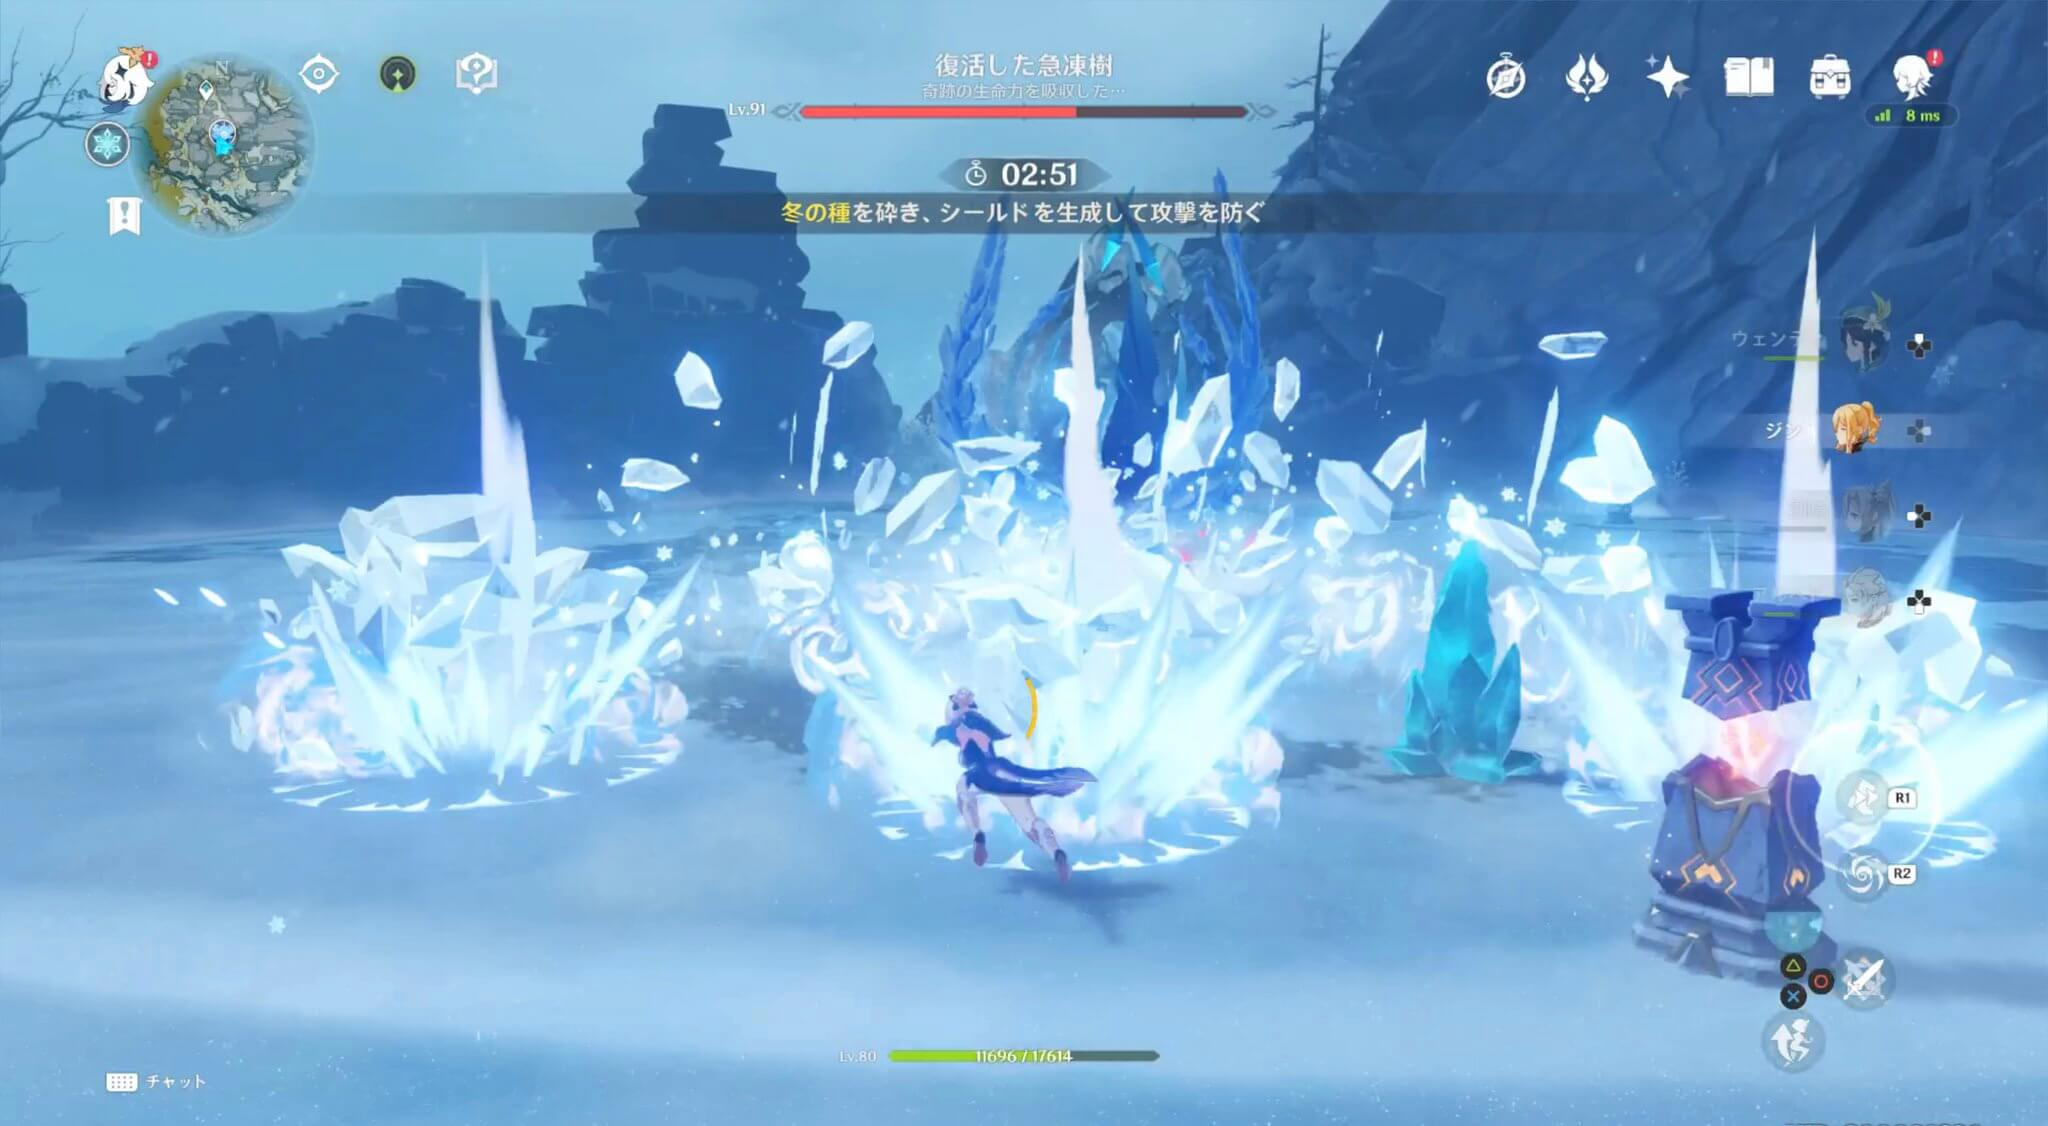 氷柱連続爆発